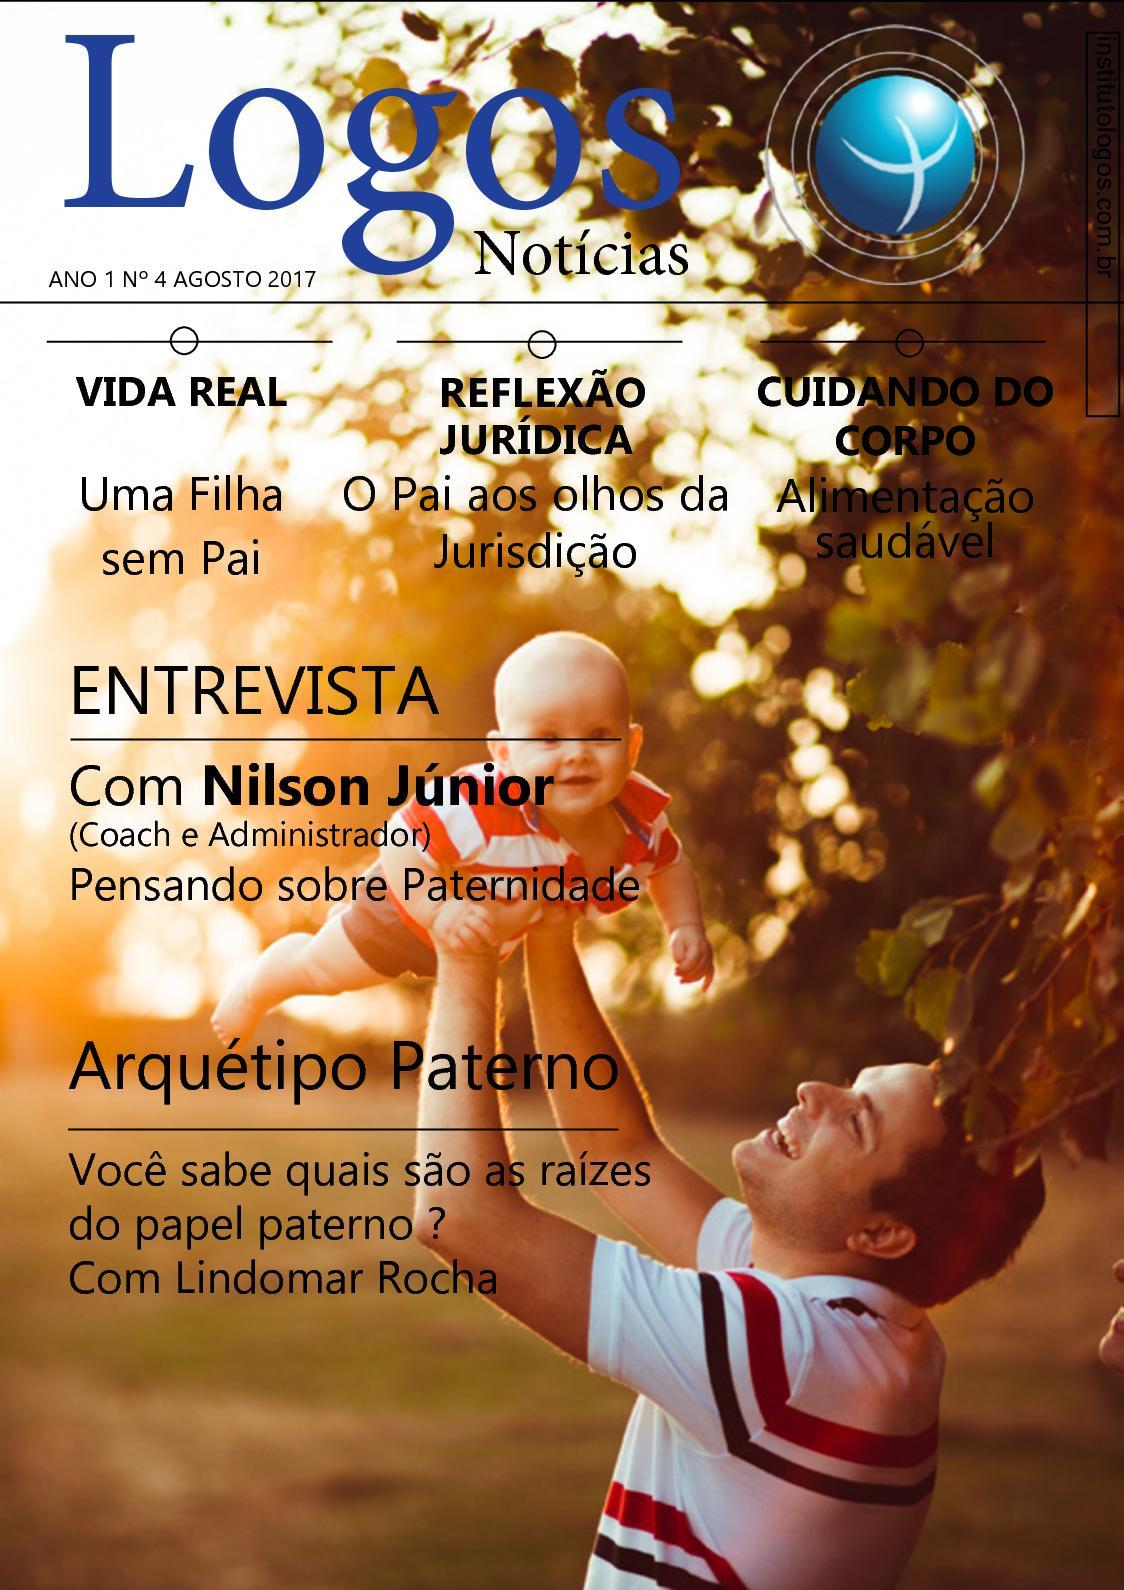 Calaméo - Logos Notícias 4º Edição 406fad5a7b5b4